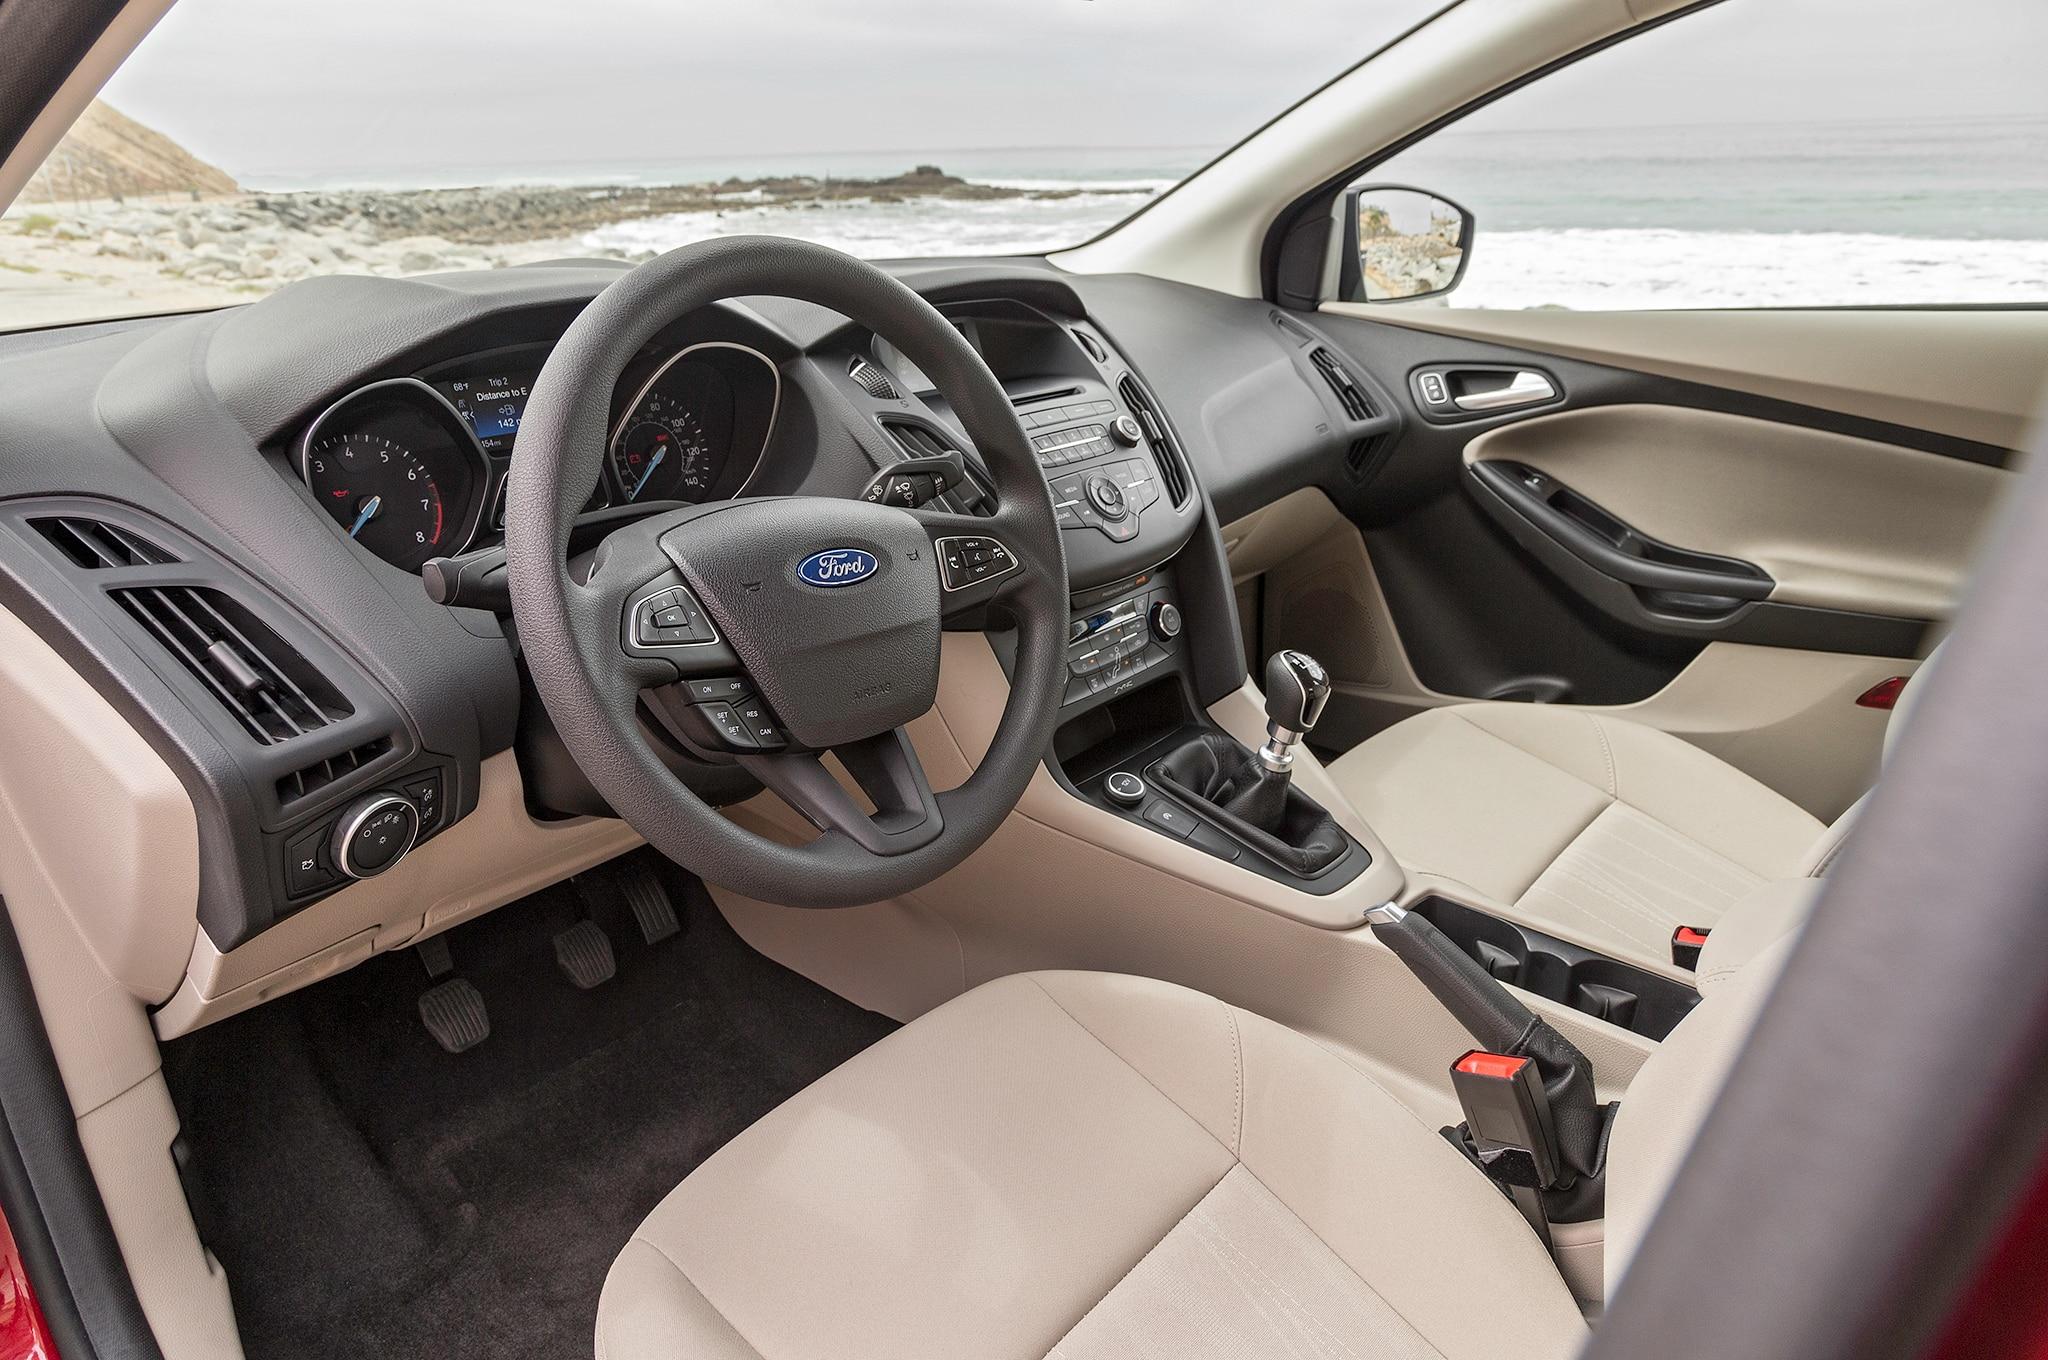 Ford Focus Sedan 2016 Interior